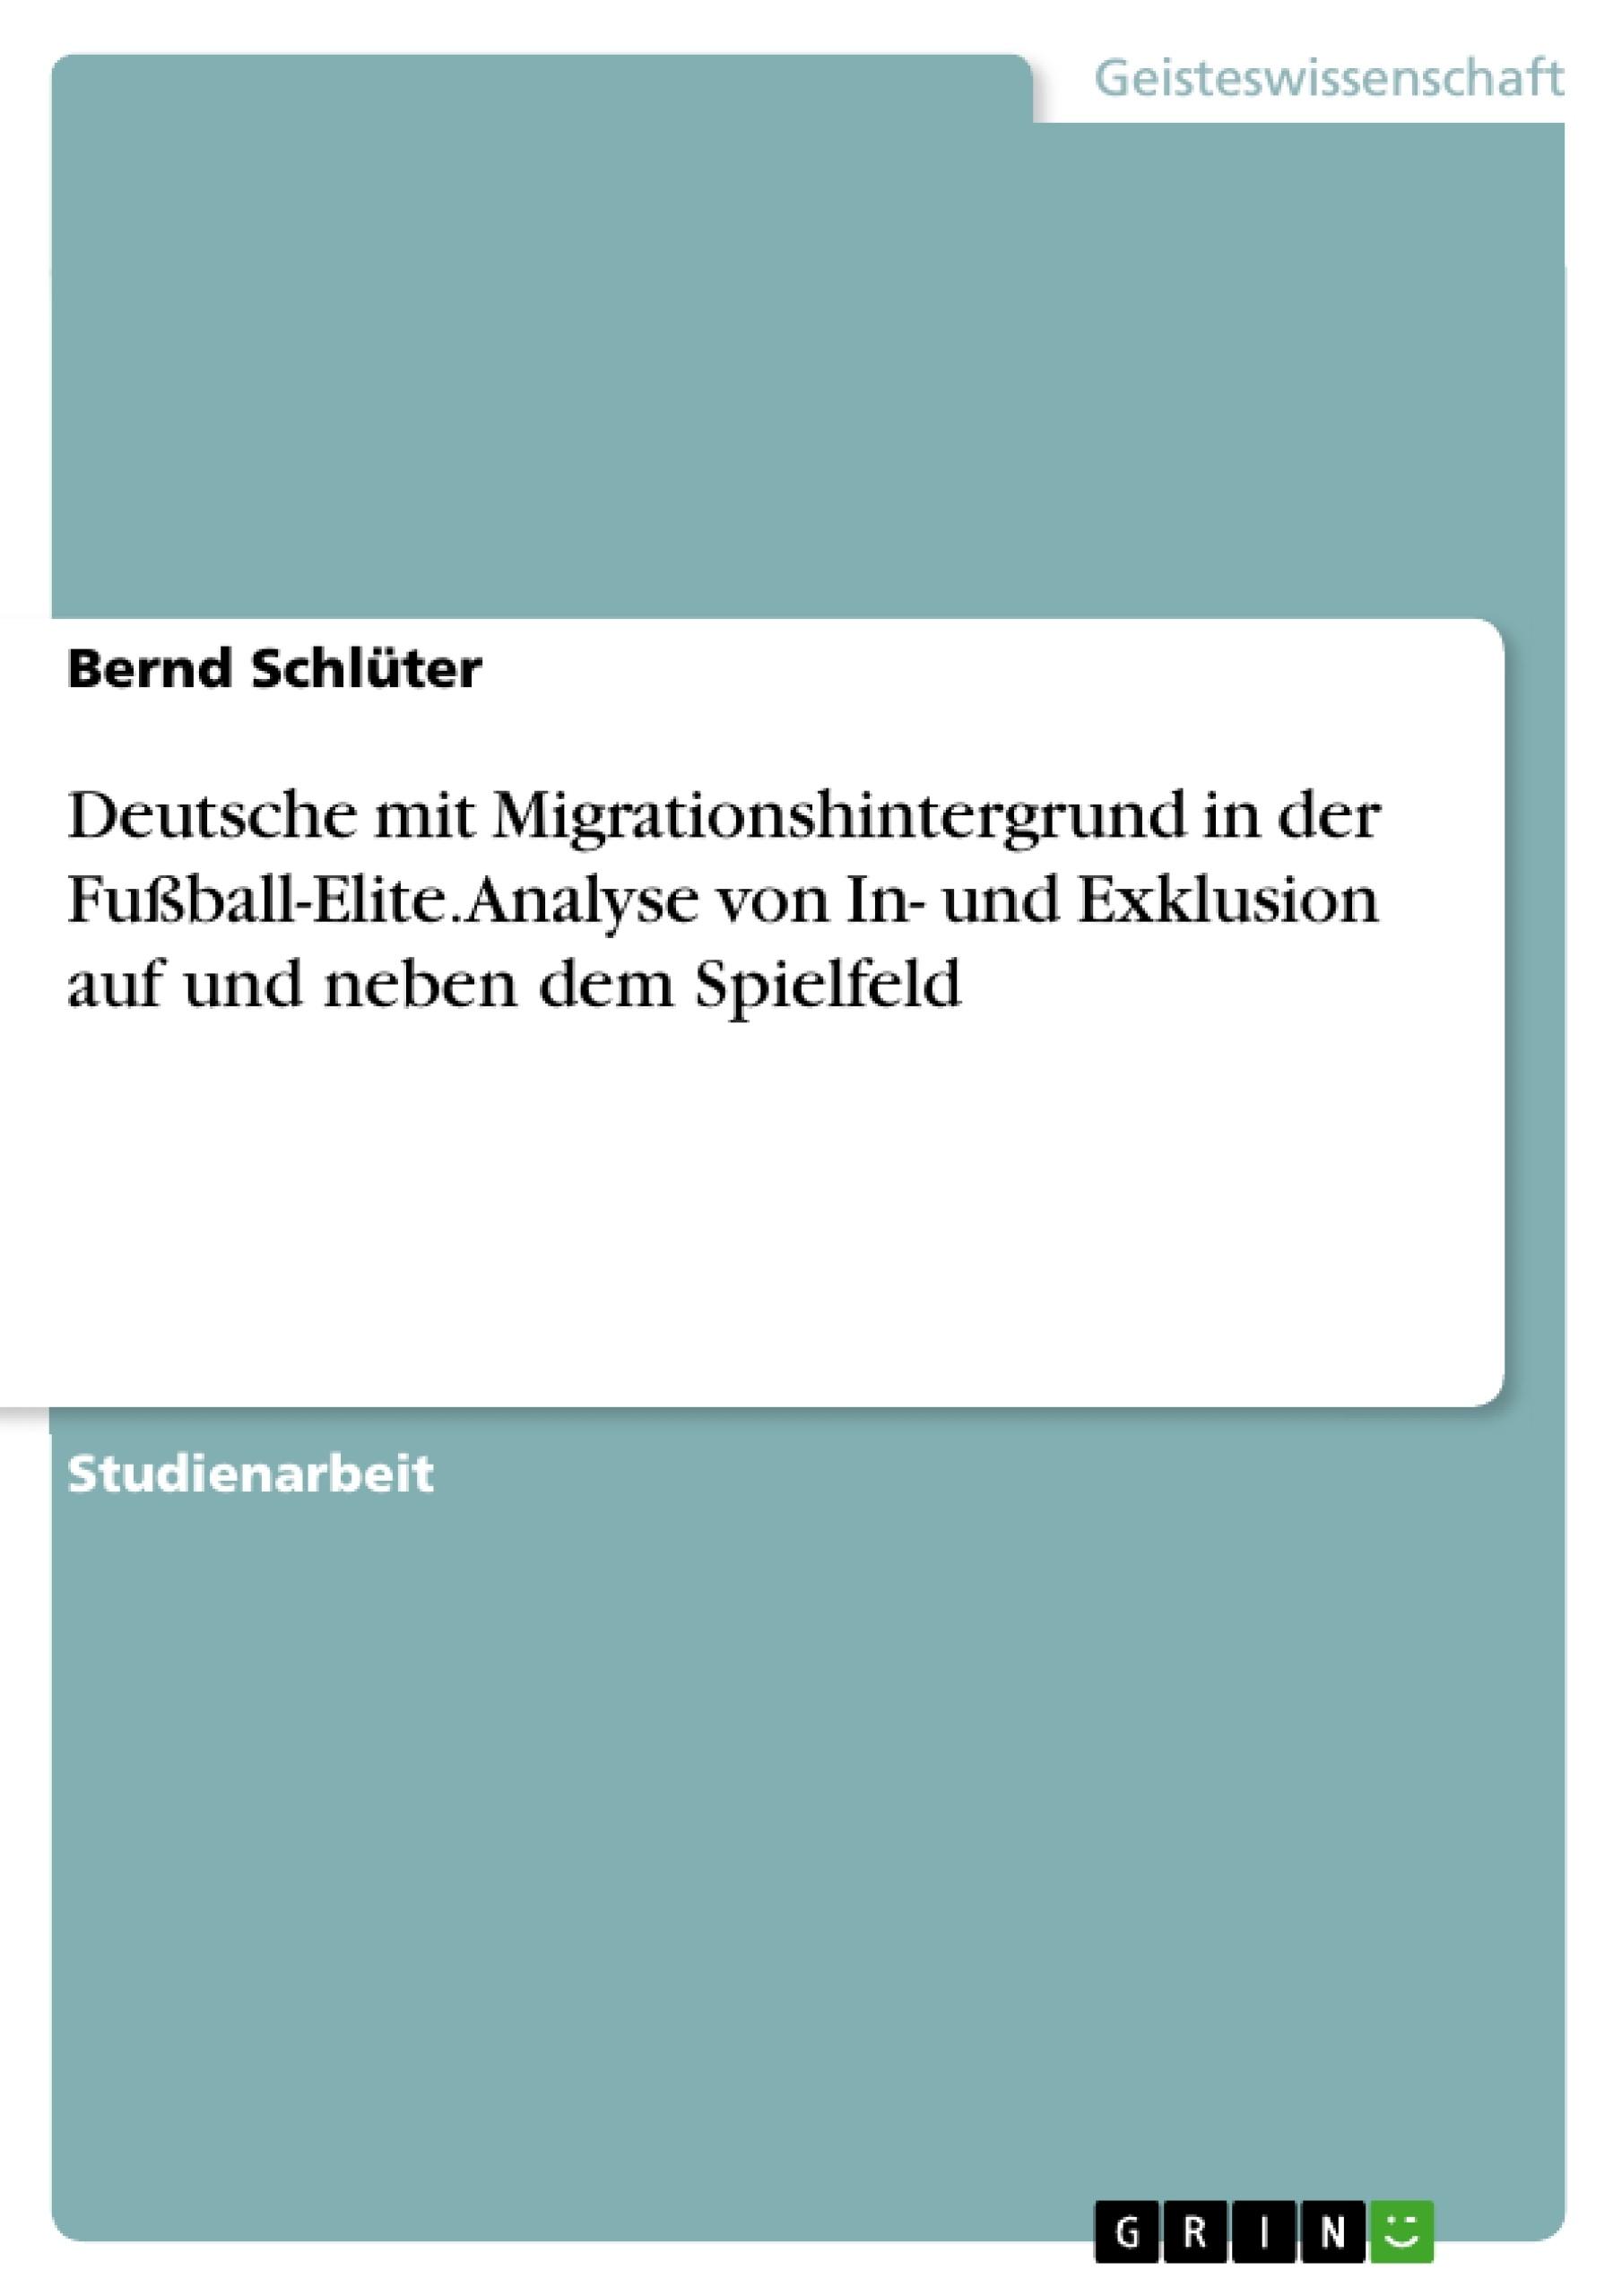 Titel: Deutsche mit Migrationshintergrund in der Fußball-Elite. Analyse von In- und Exklusion auf und neben dem Spielfeld